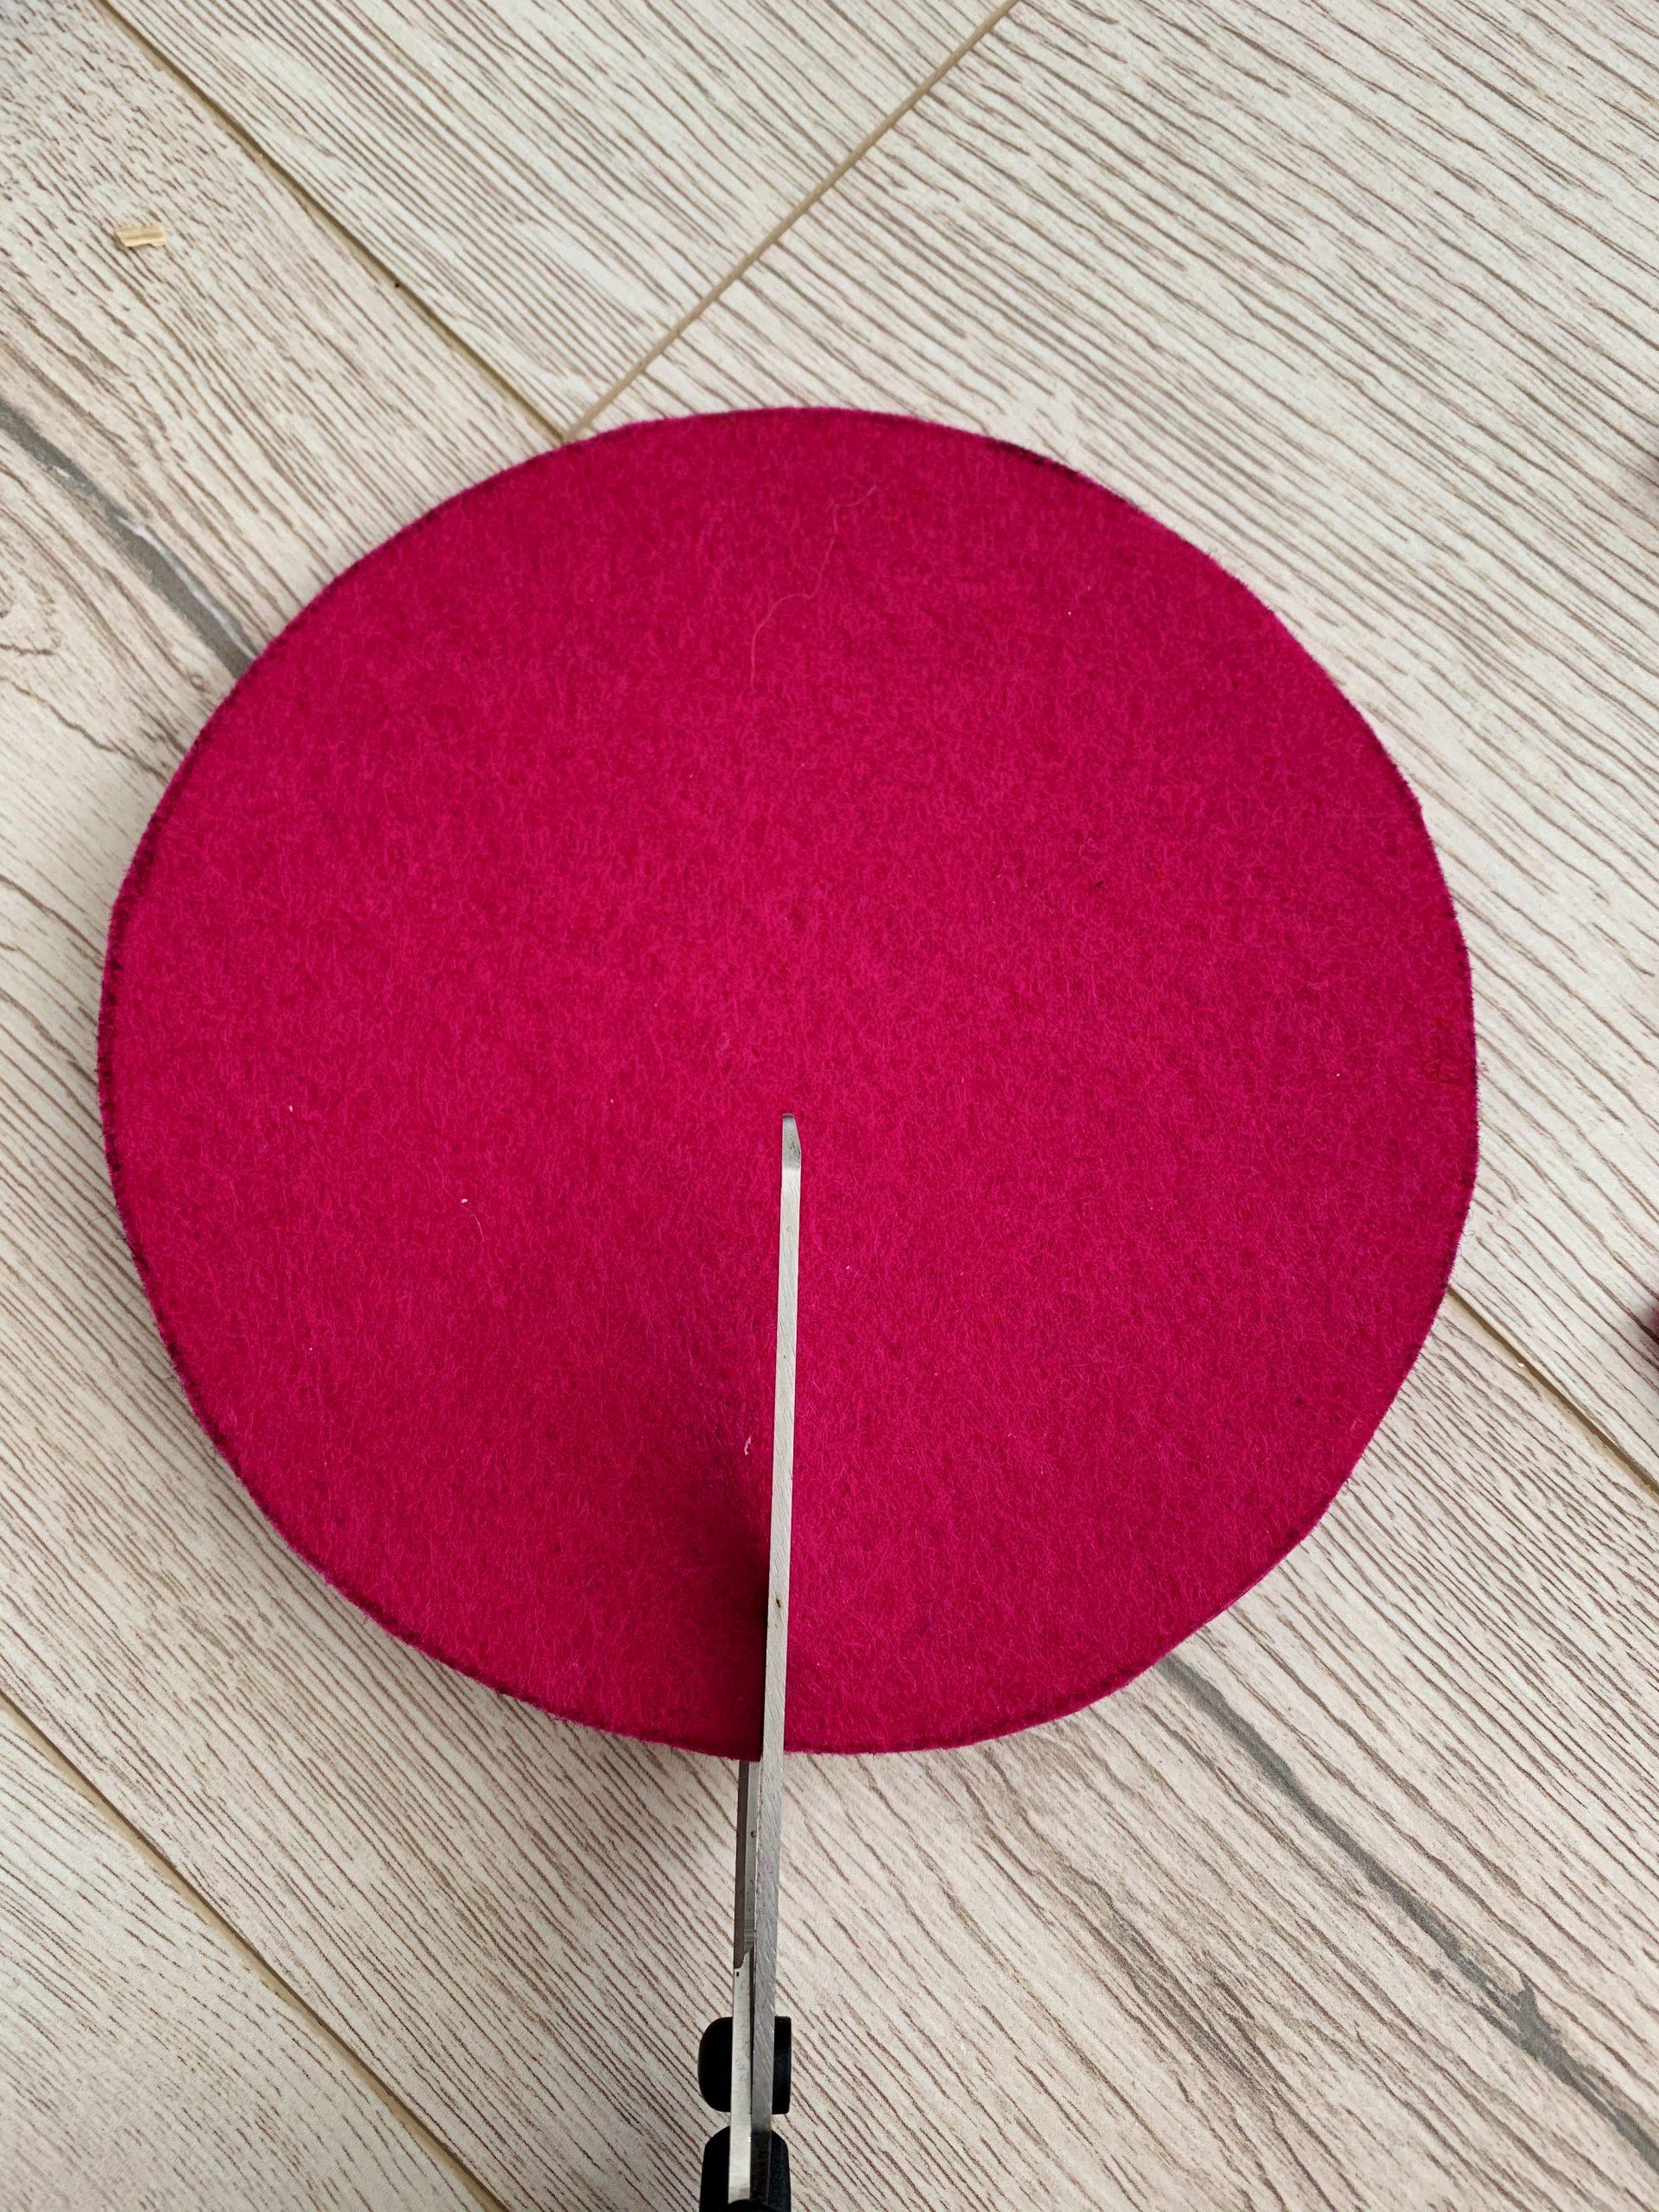 Ostereierdeko schneide deinen Kreis mittig